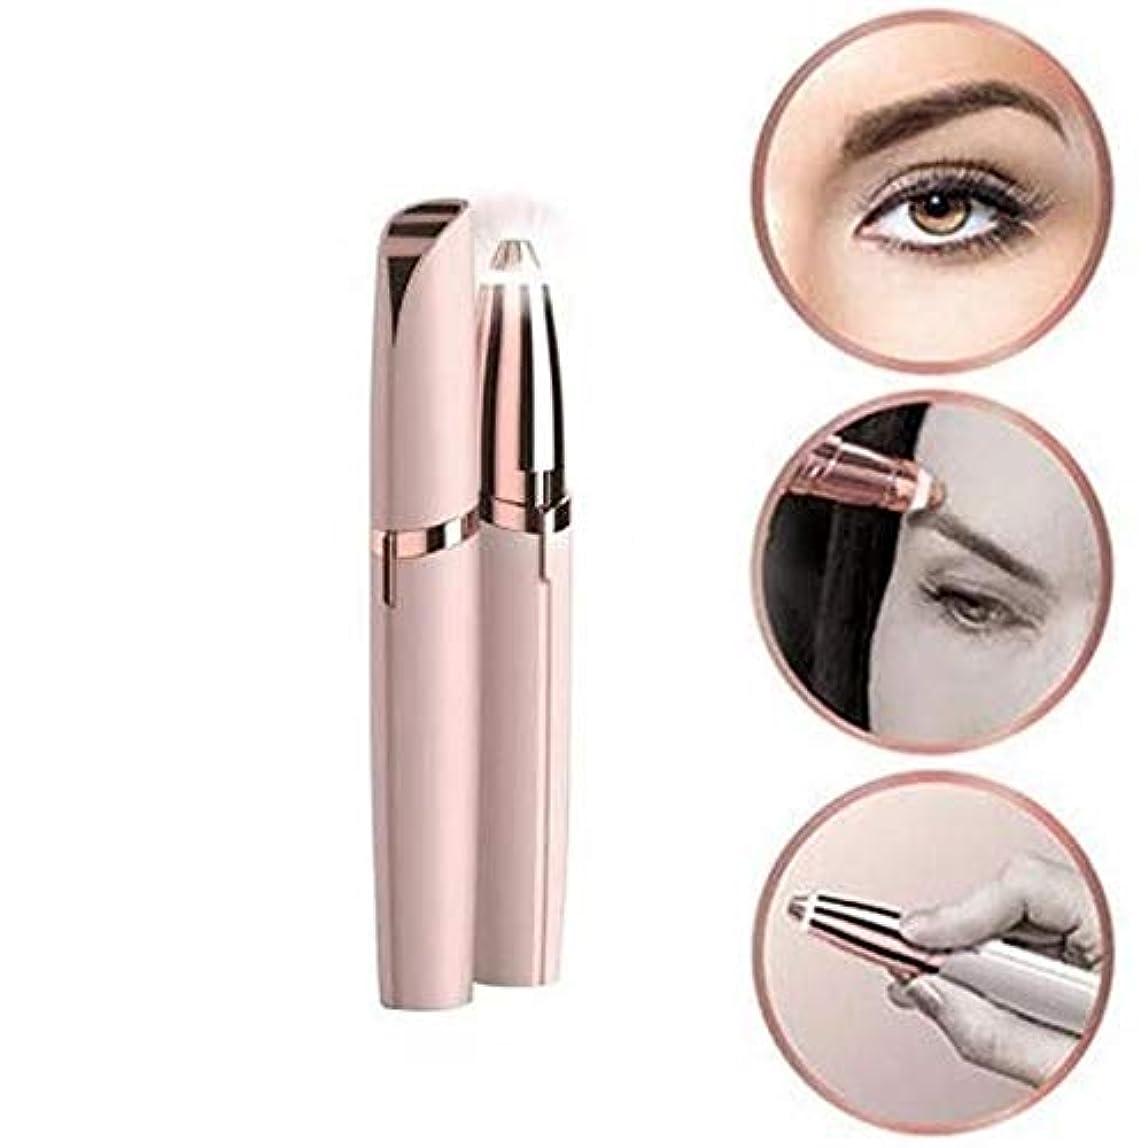 出版待ってもつれ女性のための眉毛のヘアリムーバー電気無痛トリマー、ライト付きポータブル眉毛脱毛